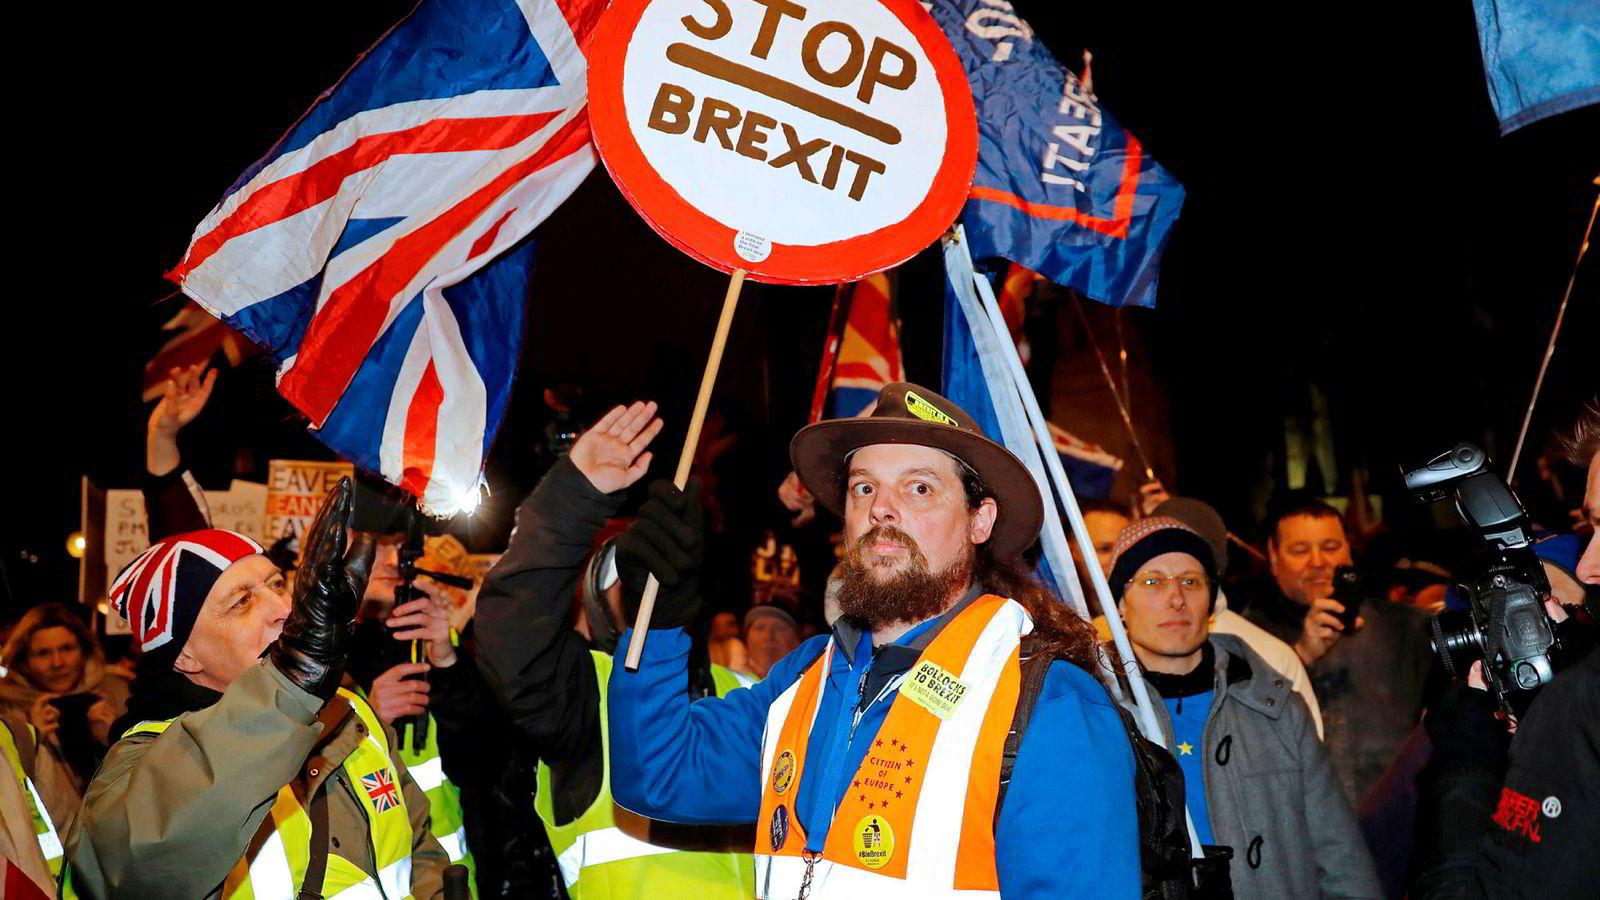 Forrige uke stemte parlamentet for at statsminister Theresa May skal reise til Brussel og reforhandle brexit-avtalen, noe EU ikke ønsker. Utenfor demonstrerte tilhengere og motstandere av brexit.